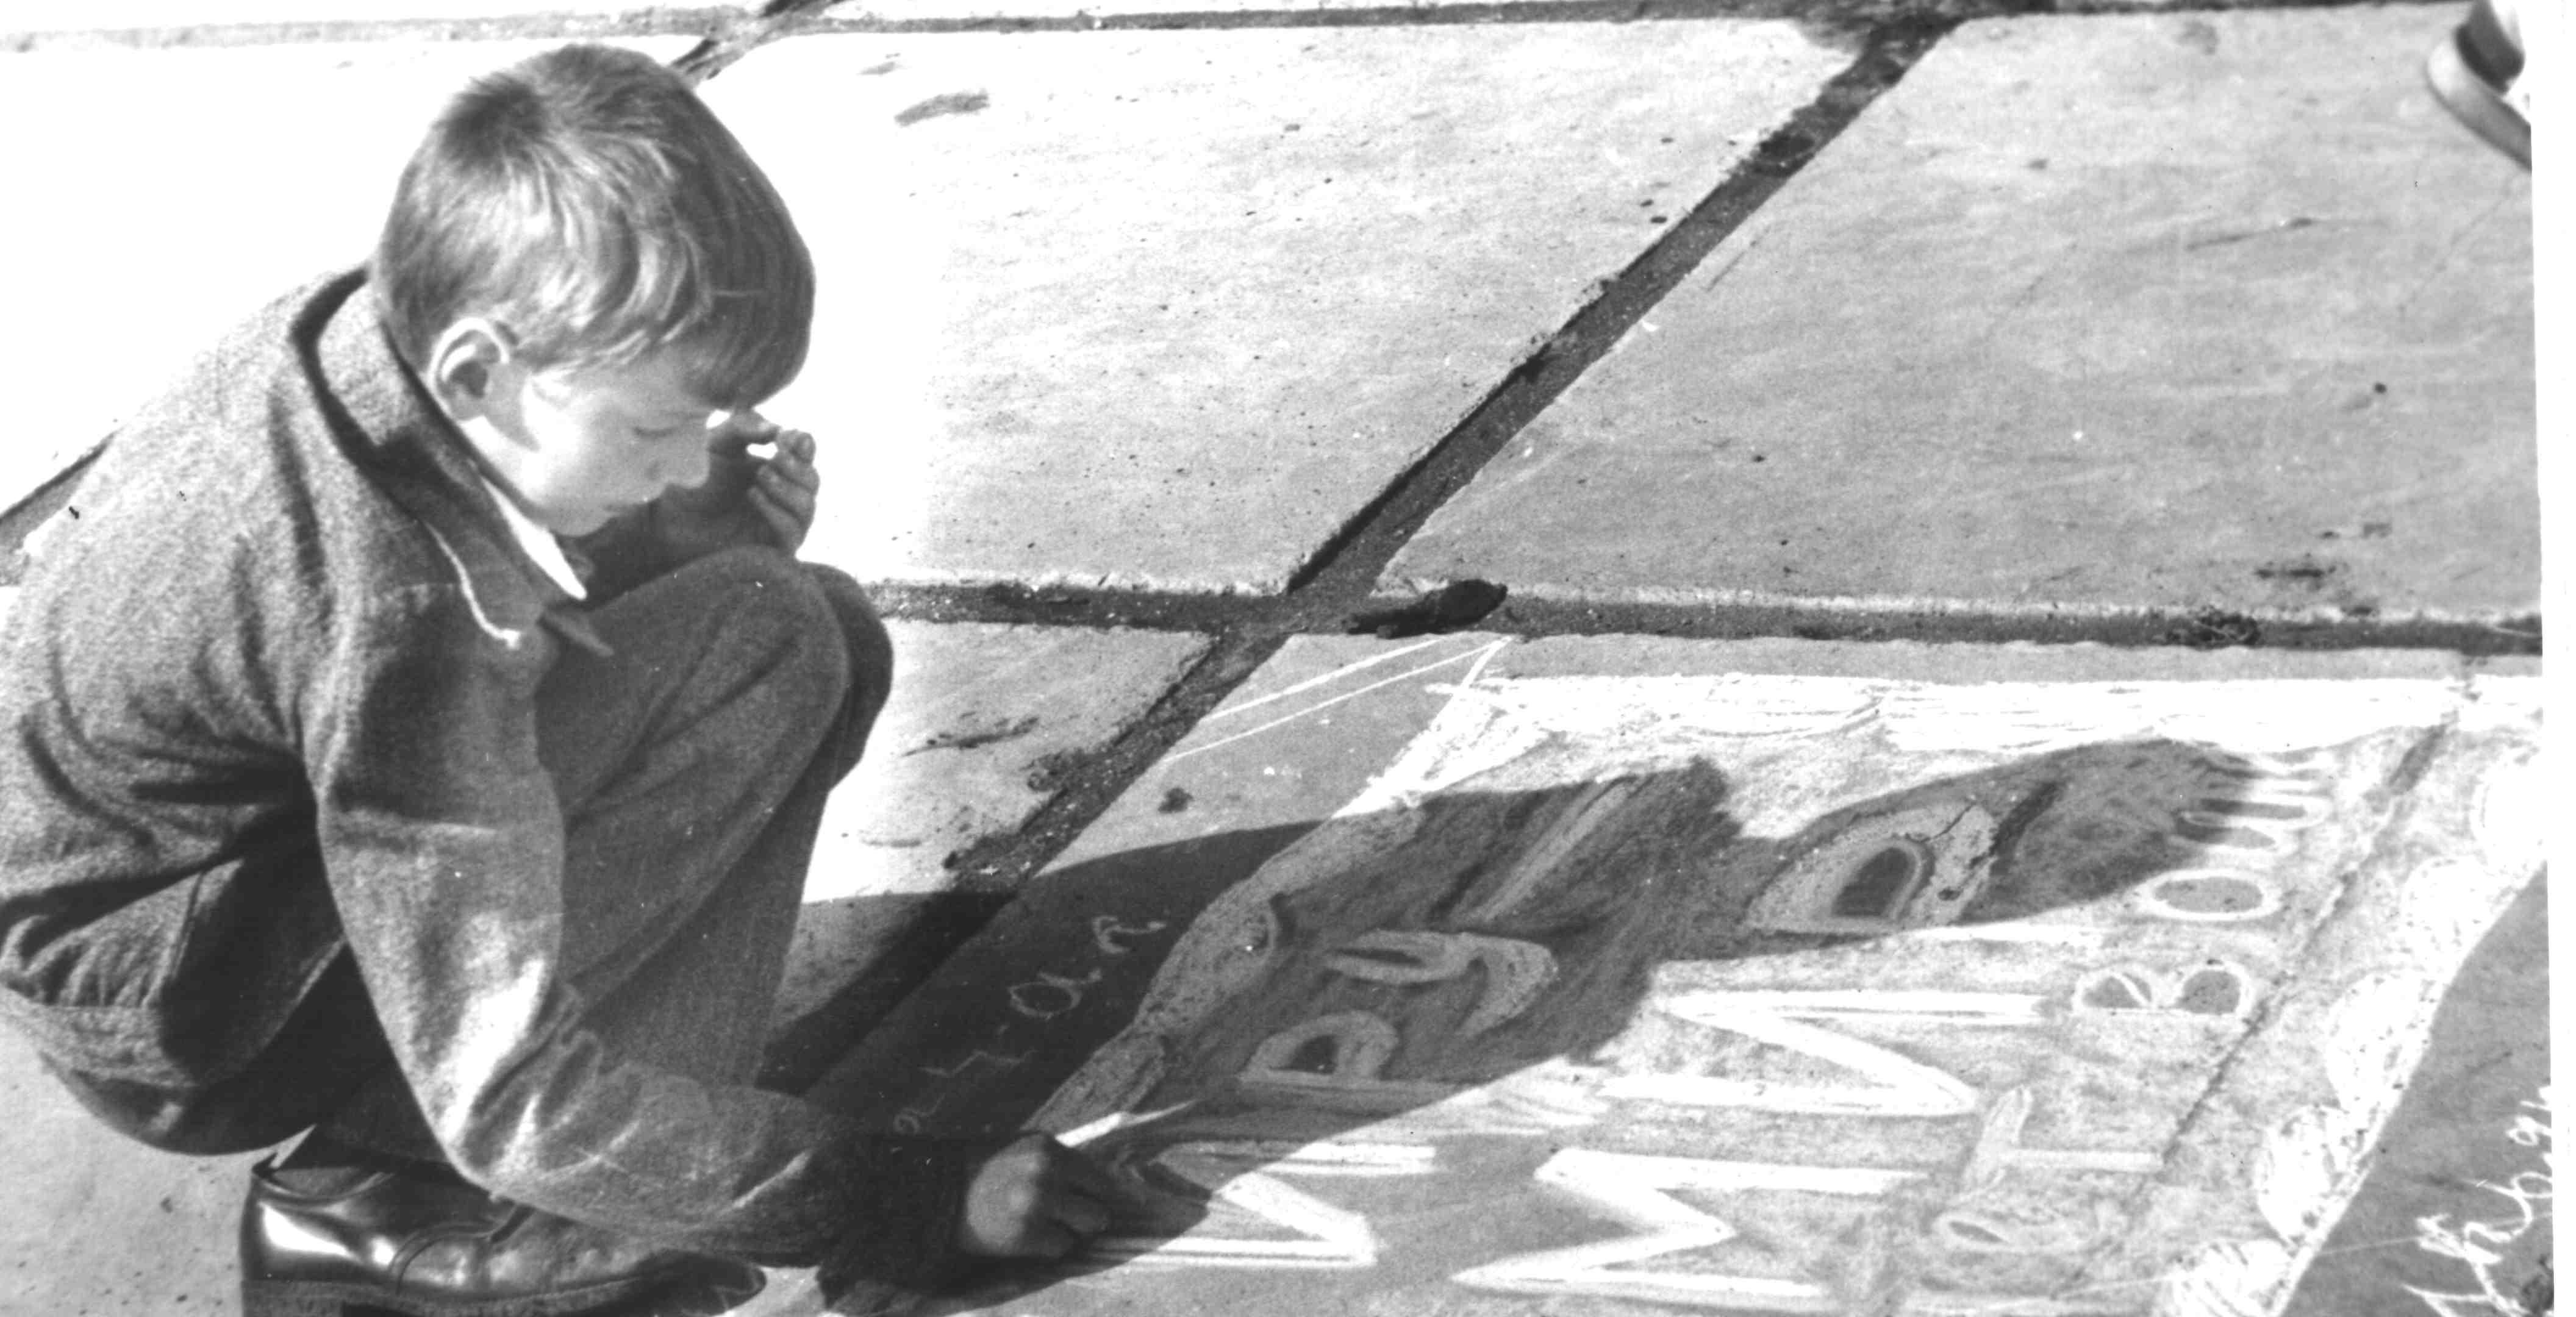 Конкурс рисунка на асфальте посвященный